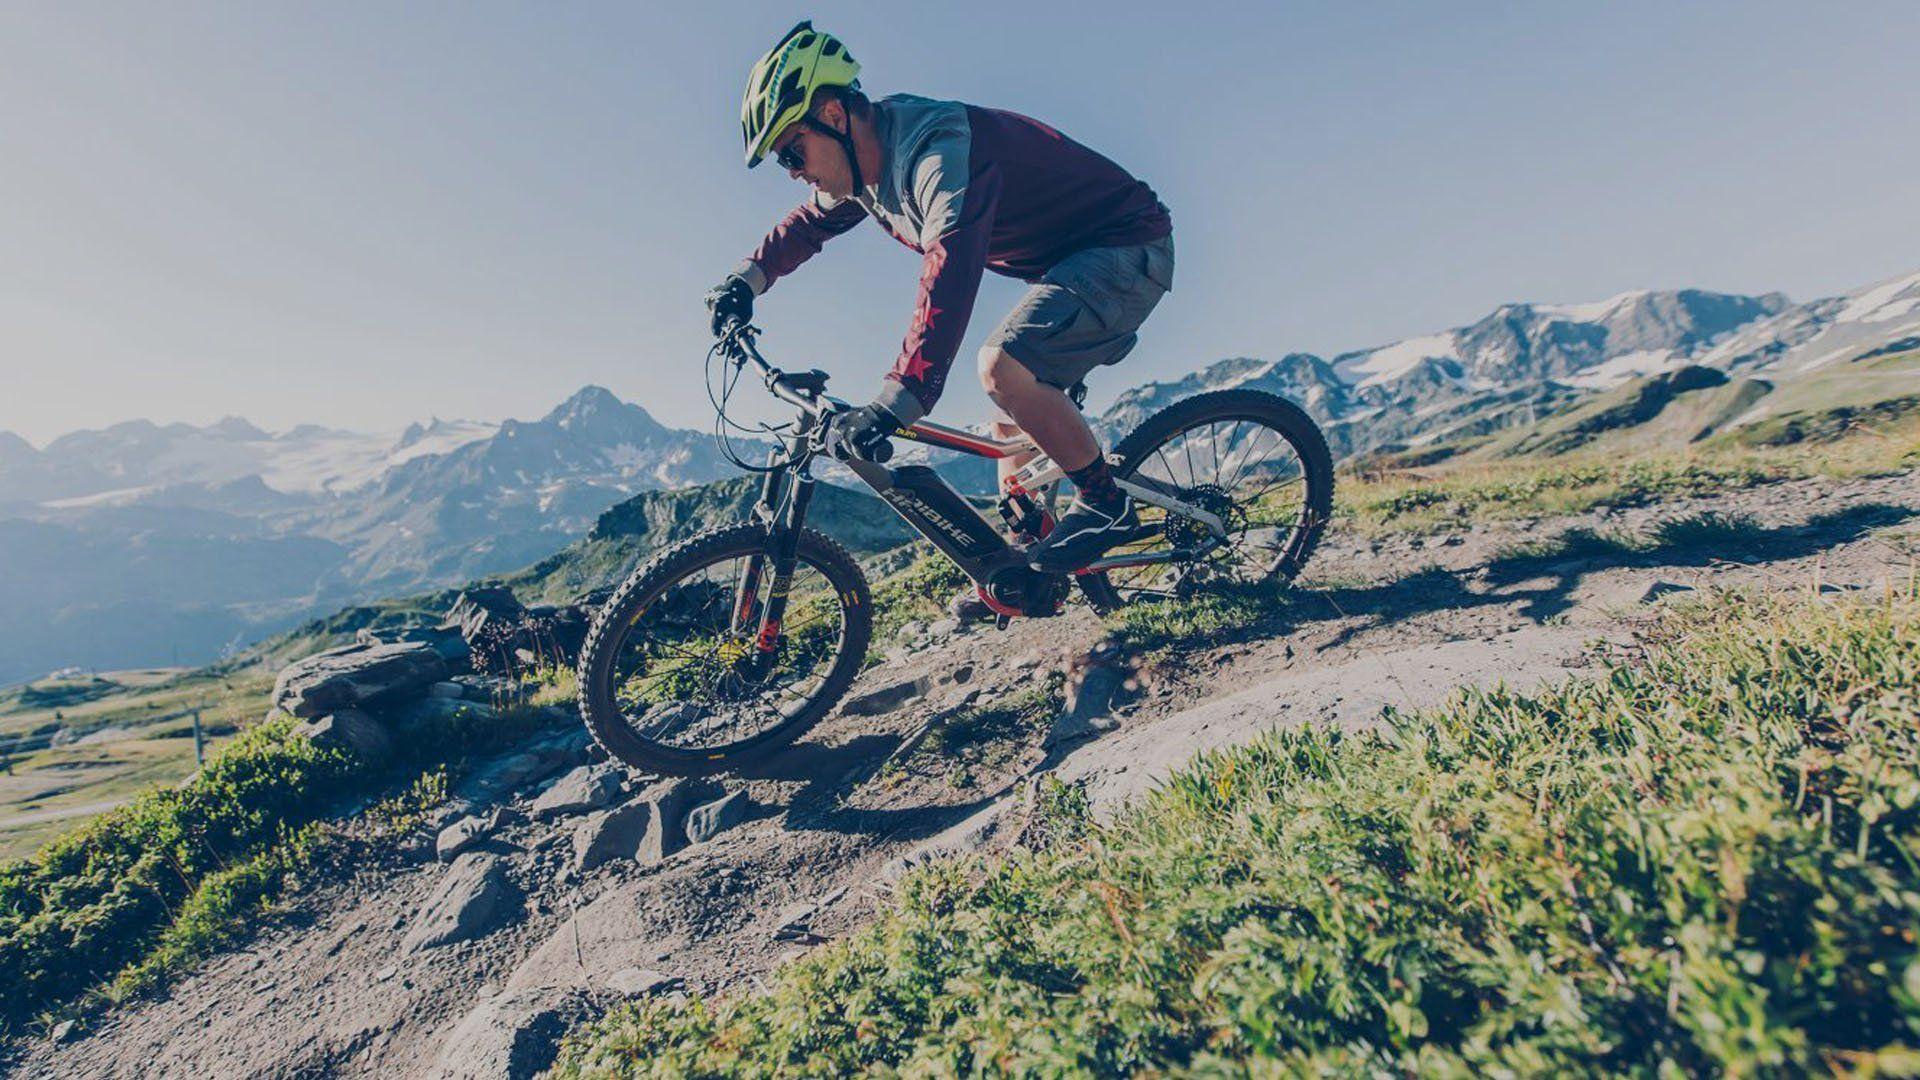 Ciclista in mountai bike effettua una curva in discesa in montagna ad Alleghe